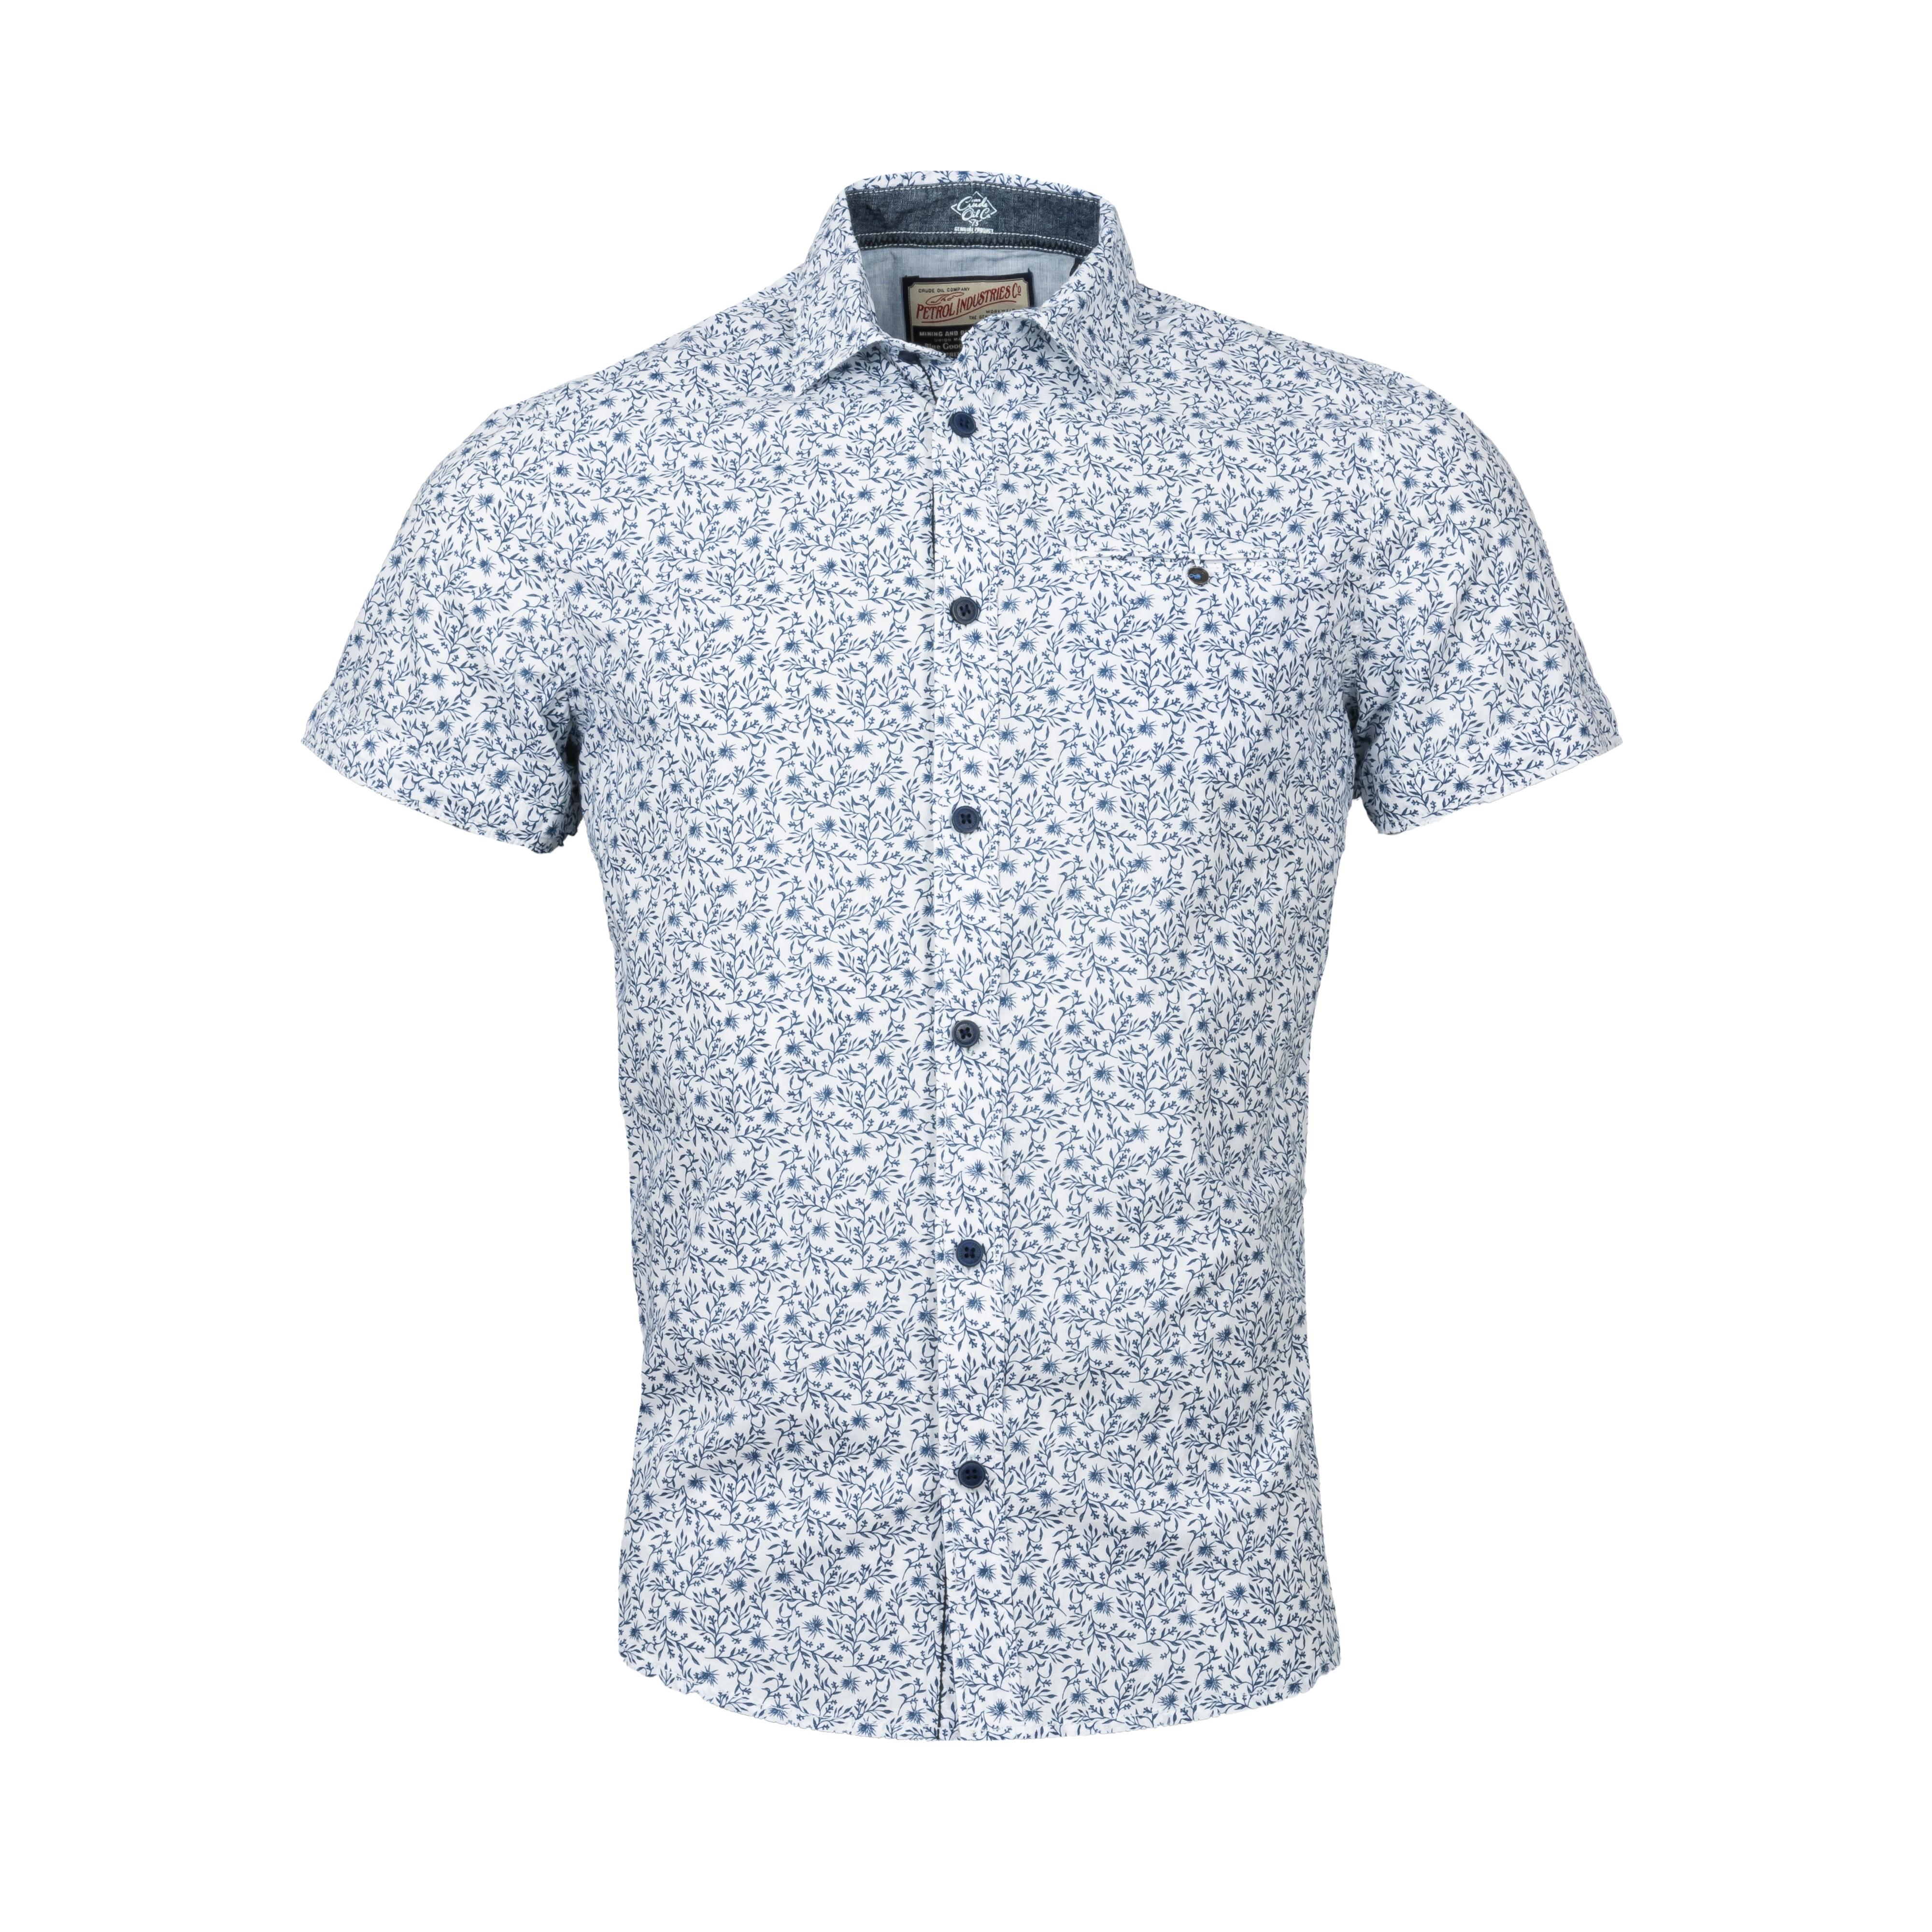 Chemise manches courtes coupe ajustée  en coton stretch blanc à motifs fleurs bleu marine